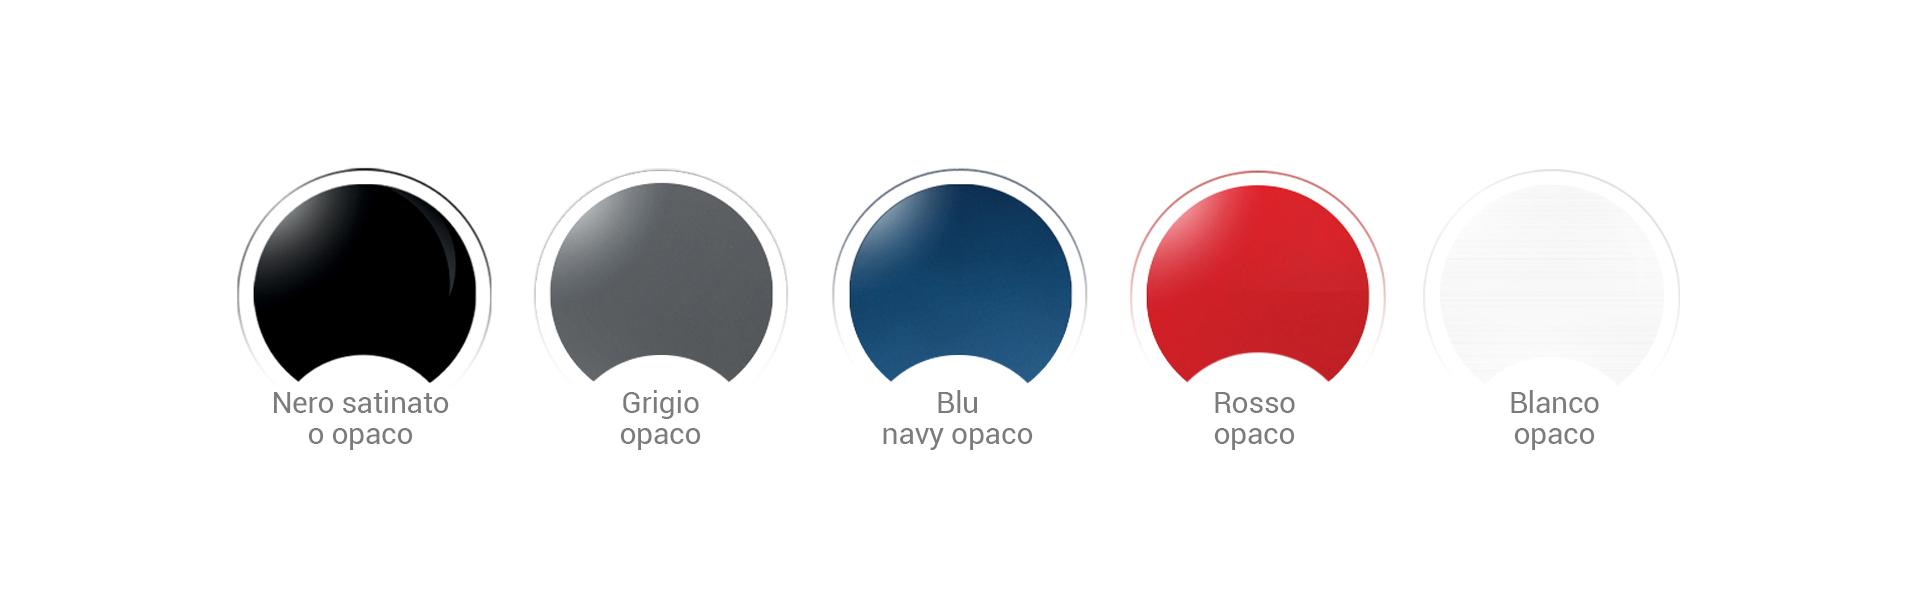 gamme-7-couleurs-tilscoot-it